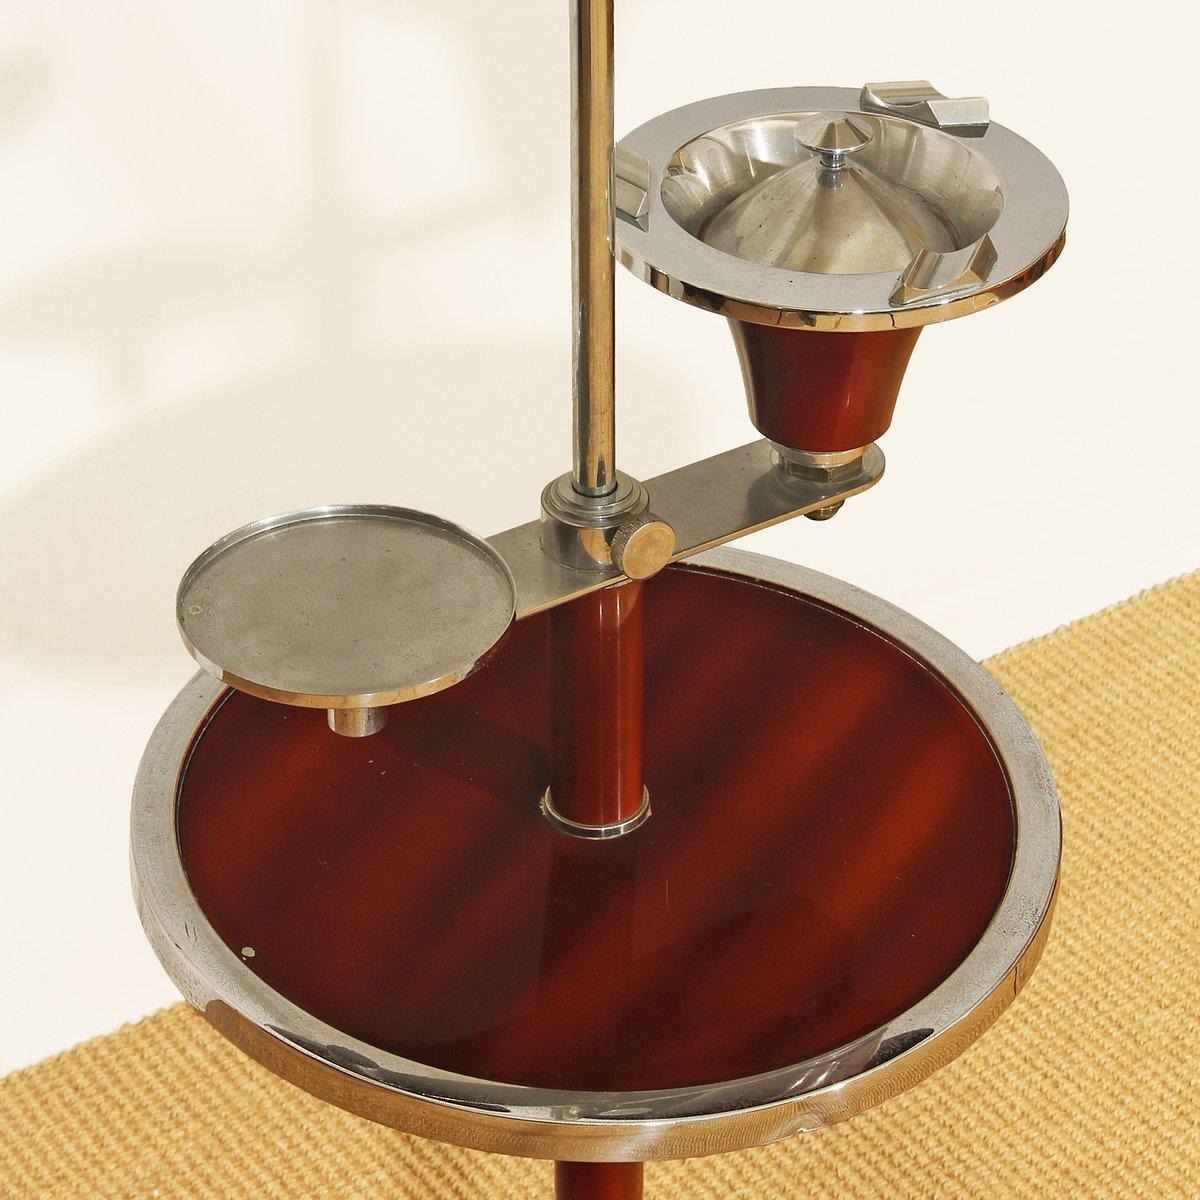 franz sische art deco stehlampe mit aschenbecher 1930er bei pamono kaufen. Black Bedroom Furniture Sets. Home Design Ideas